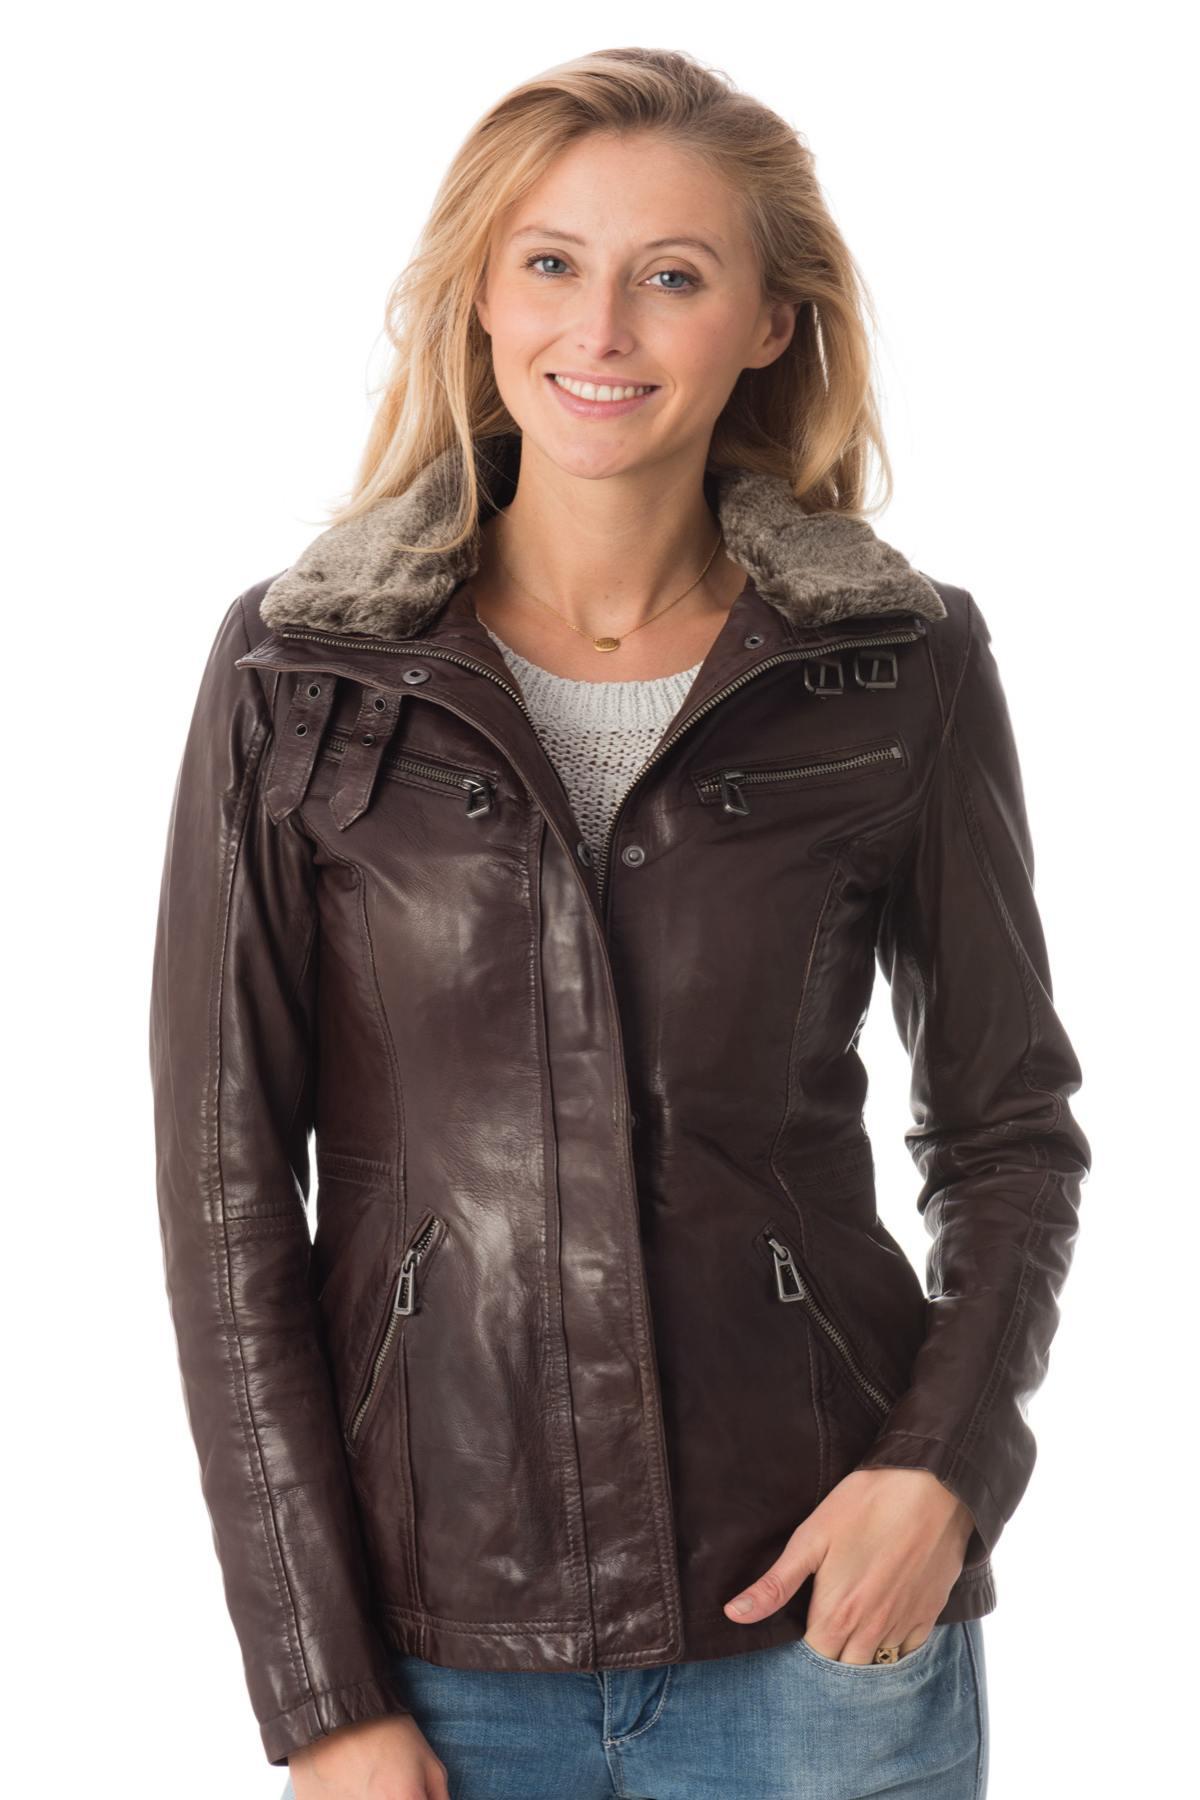 Veste cuir femme le bon coin